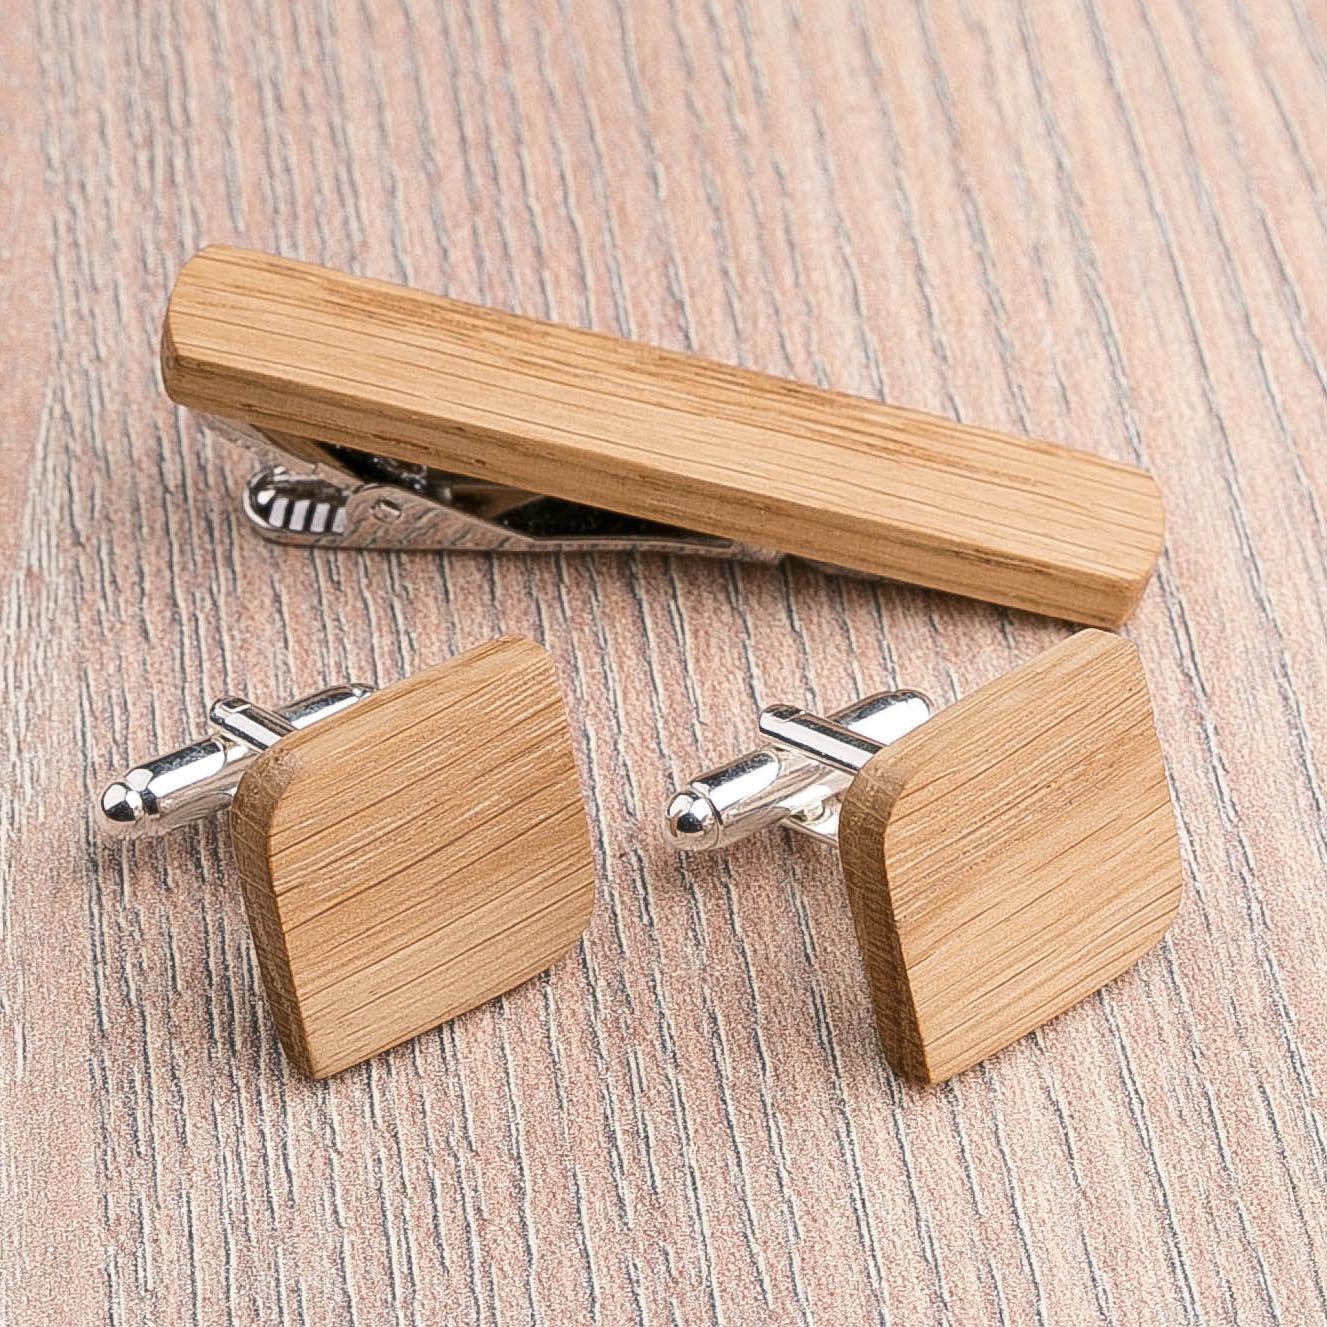 Комплект: Скругленные запонки из дерева и Деревянный зажим для галстука. Массив дуба. Гравировка инициалов. Упаковка в комплекте CufflinksSet-RndSquareOak